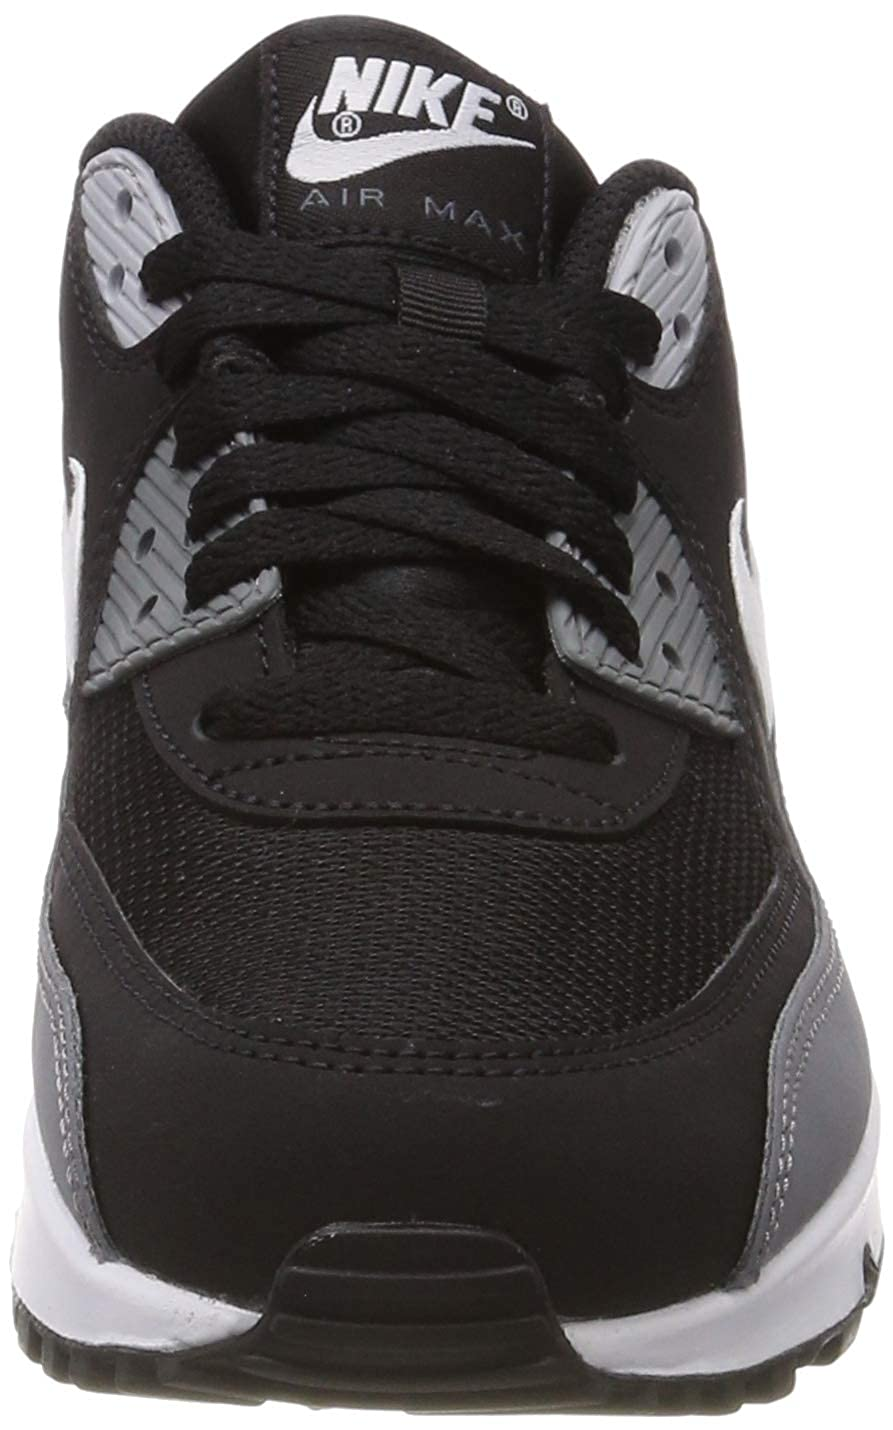 Nike Air Max 90 Essential, Scarpe da Ginnastica Uomo Uomo Uomo | Ampie Varietà  | Scolaro/Ragazze Scarpa  21ddbf